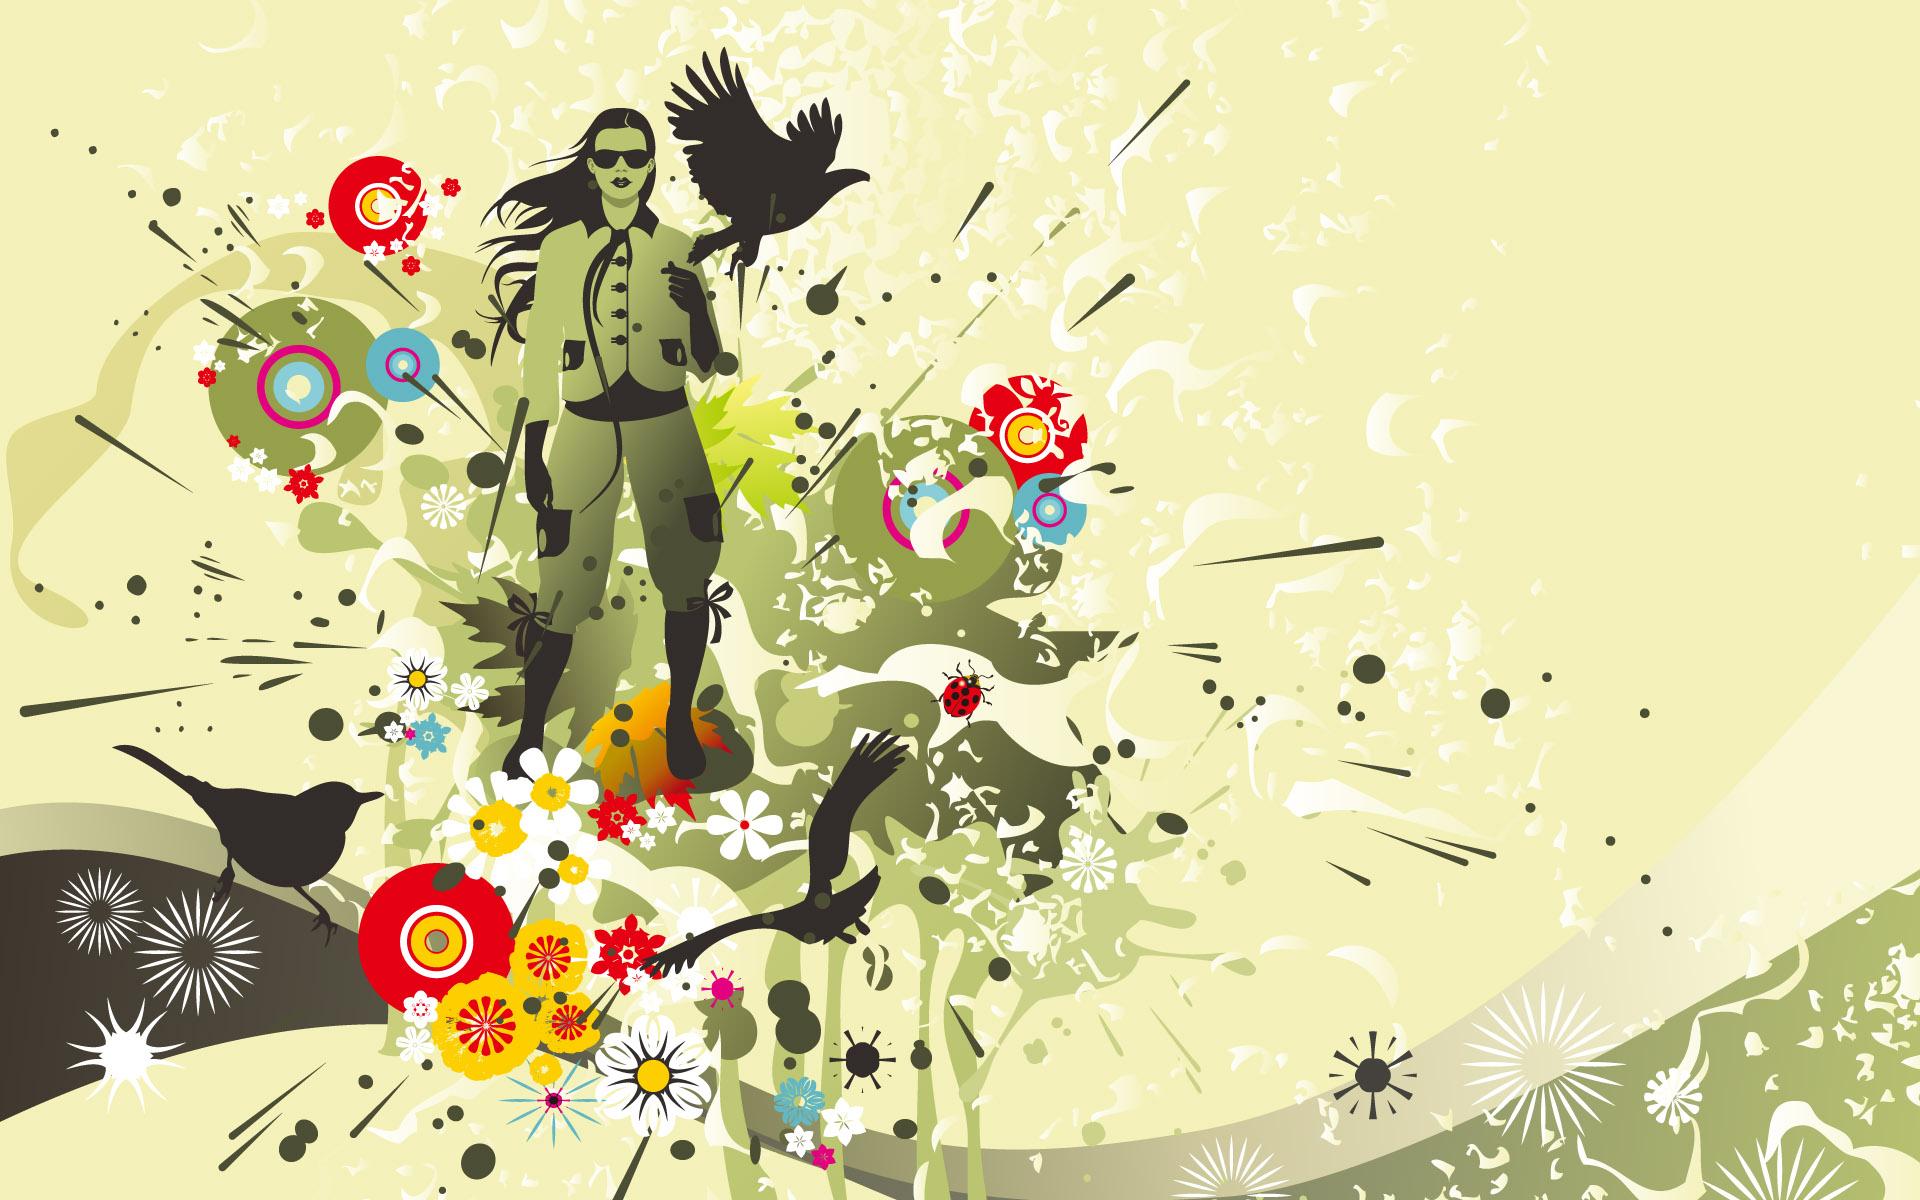 http://1.bp.blogspot.com/_W1ueYt1O3xs/TDxJuOjzTvI/AAAAAAAAV_4/dVFfuNLmEs4/d/hq+wallpapers_vector+1920x1200-8.jpg